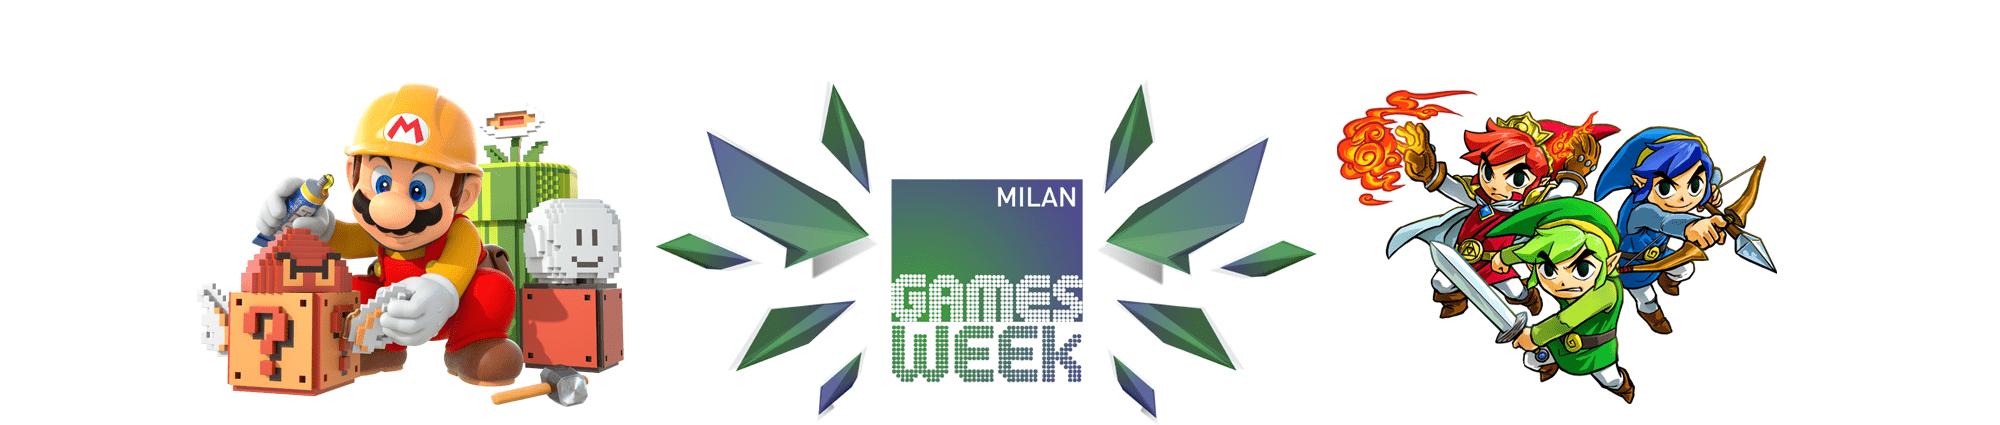 Games Week 2015 Nintendo